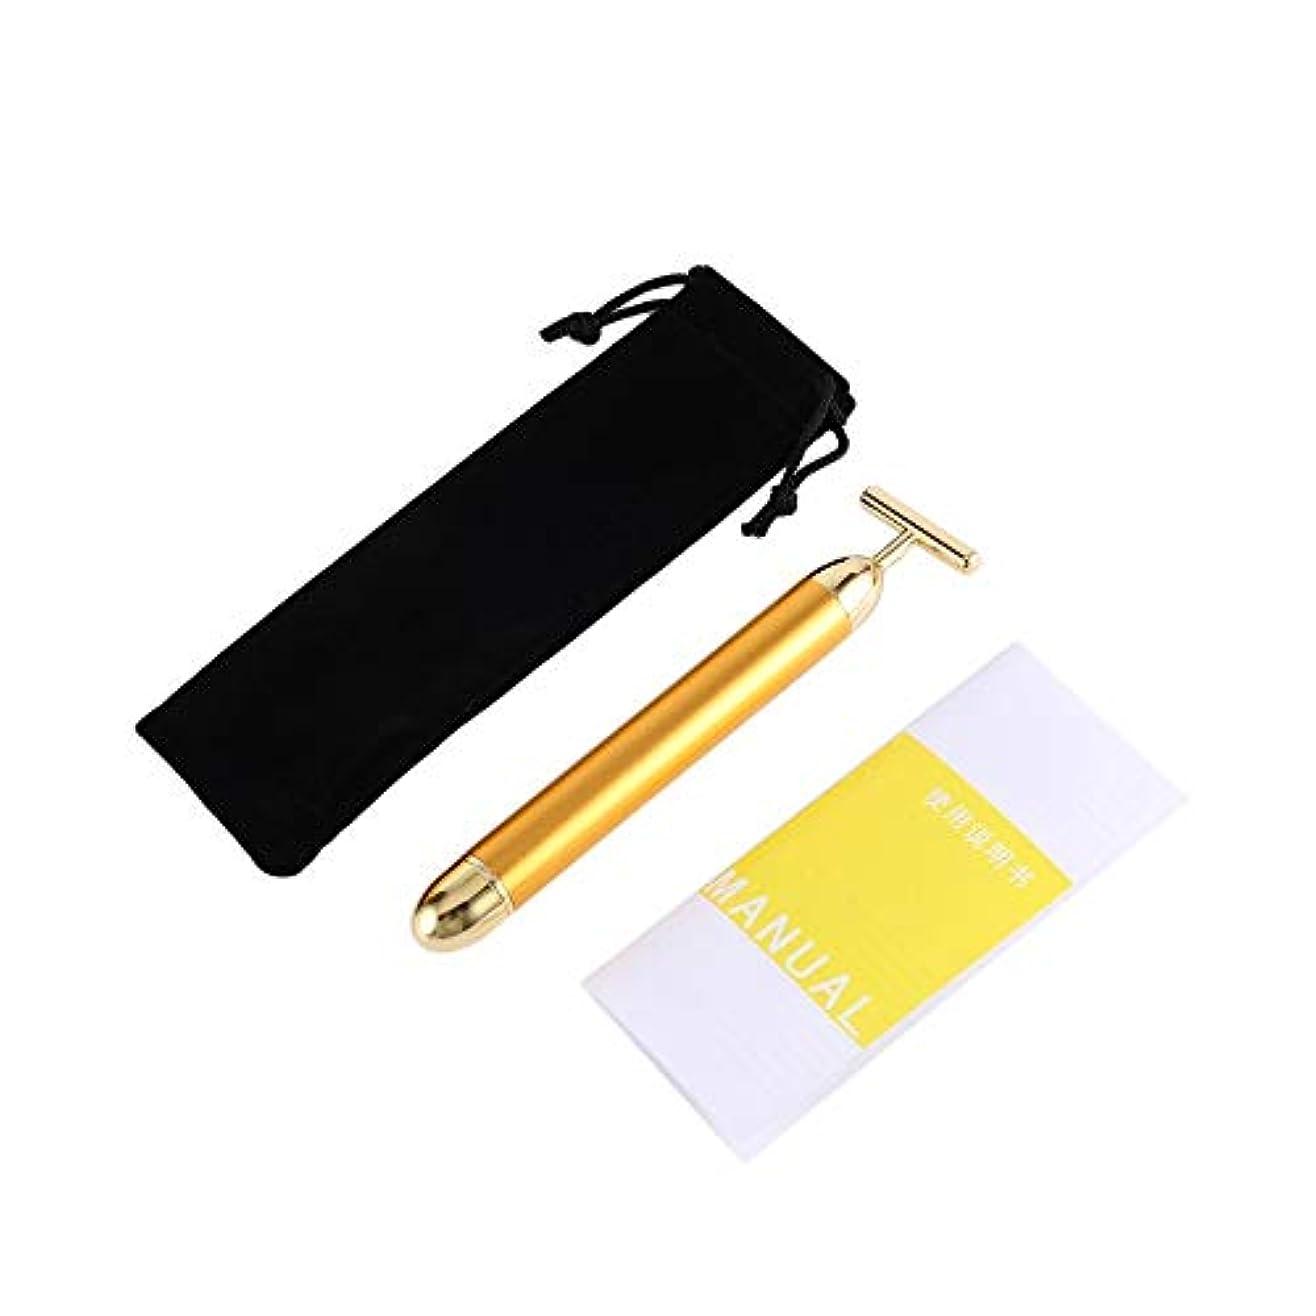 空白形麻痺させるエネルギー美容ツールフェイシャルマッサージャーTシェイプフェイシャル美容ケア振動フェイシャルビューティーマッサージャーエネルギー振動バー(Color:golden)(Size:with bag)